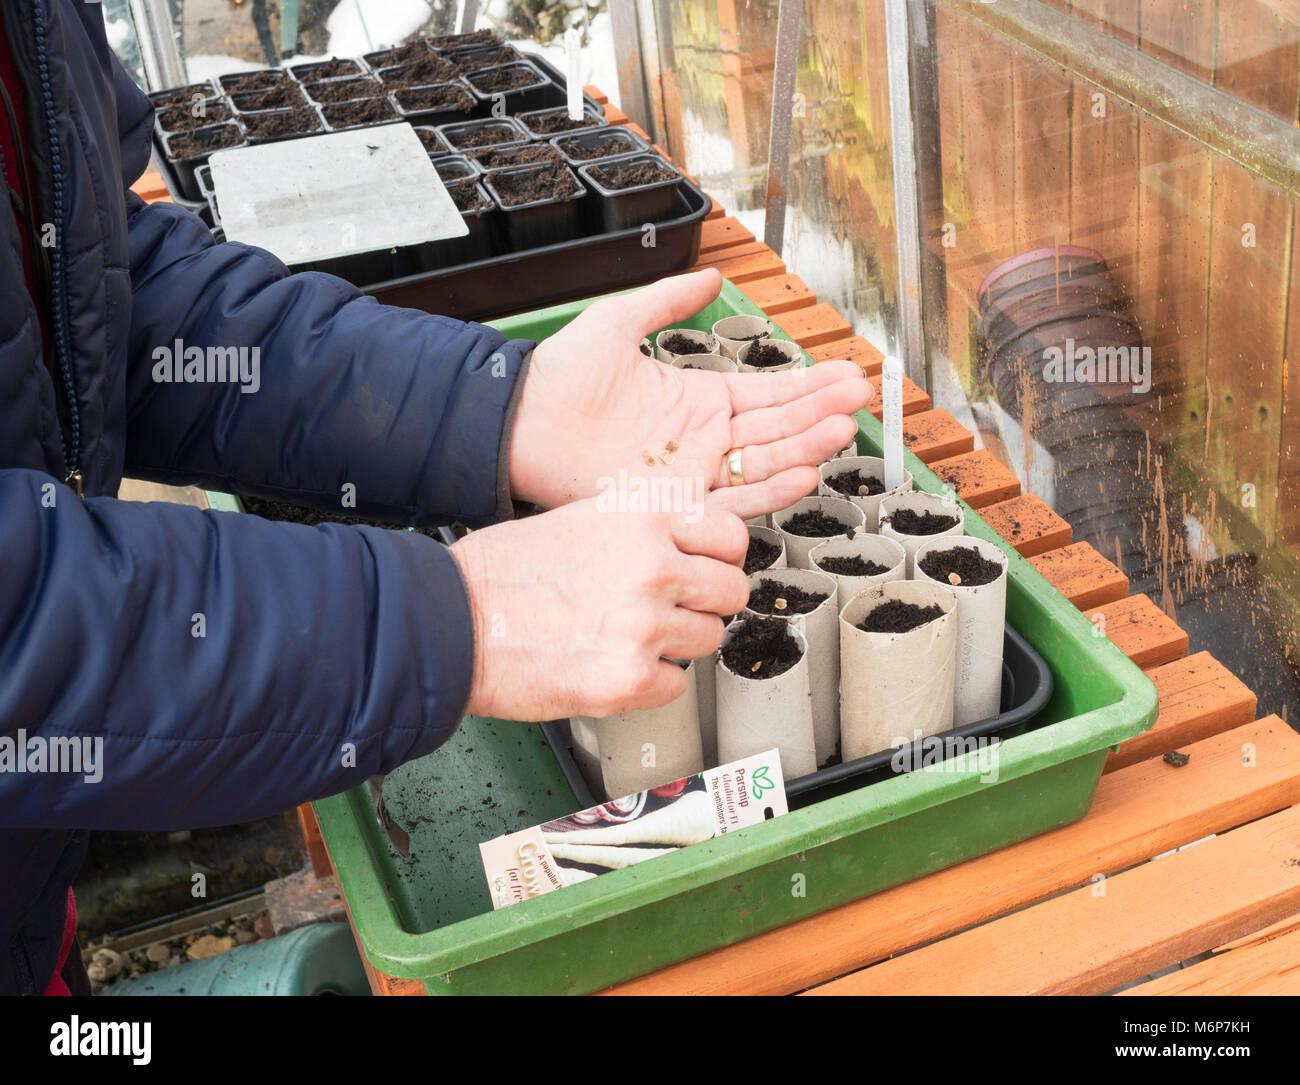 Graines de panais semis homme dans des rouleaux de papier toilette dans les émissions, England, UK. Photo Stock